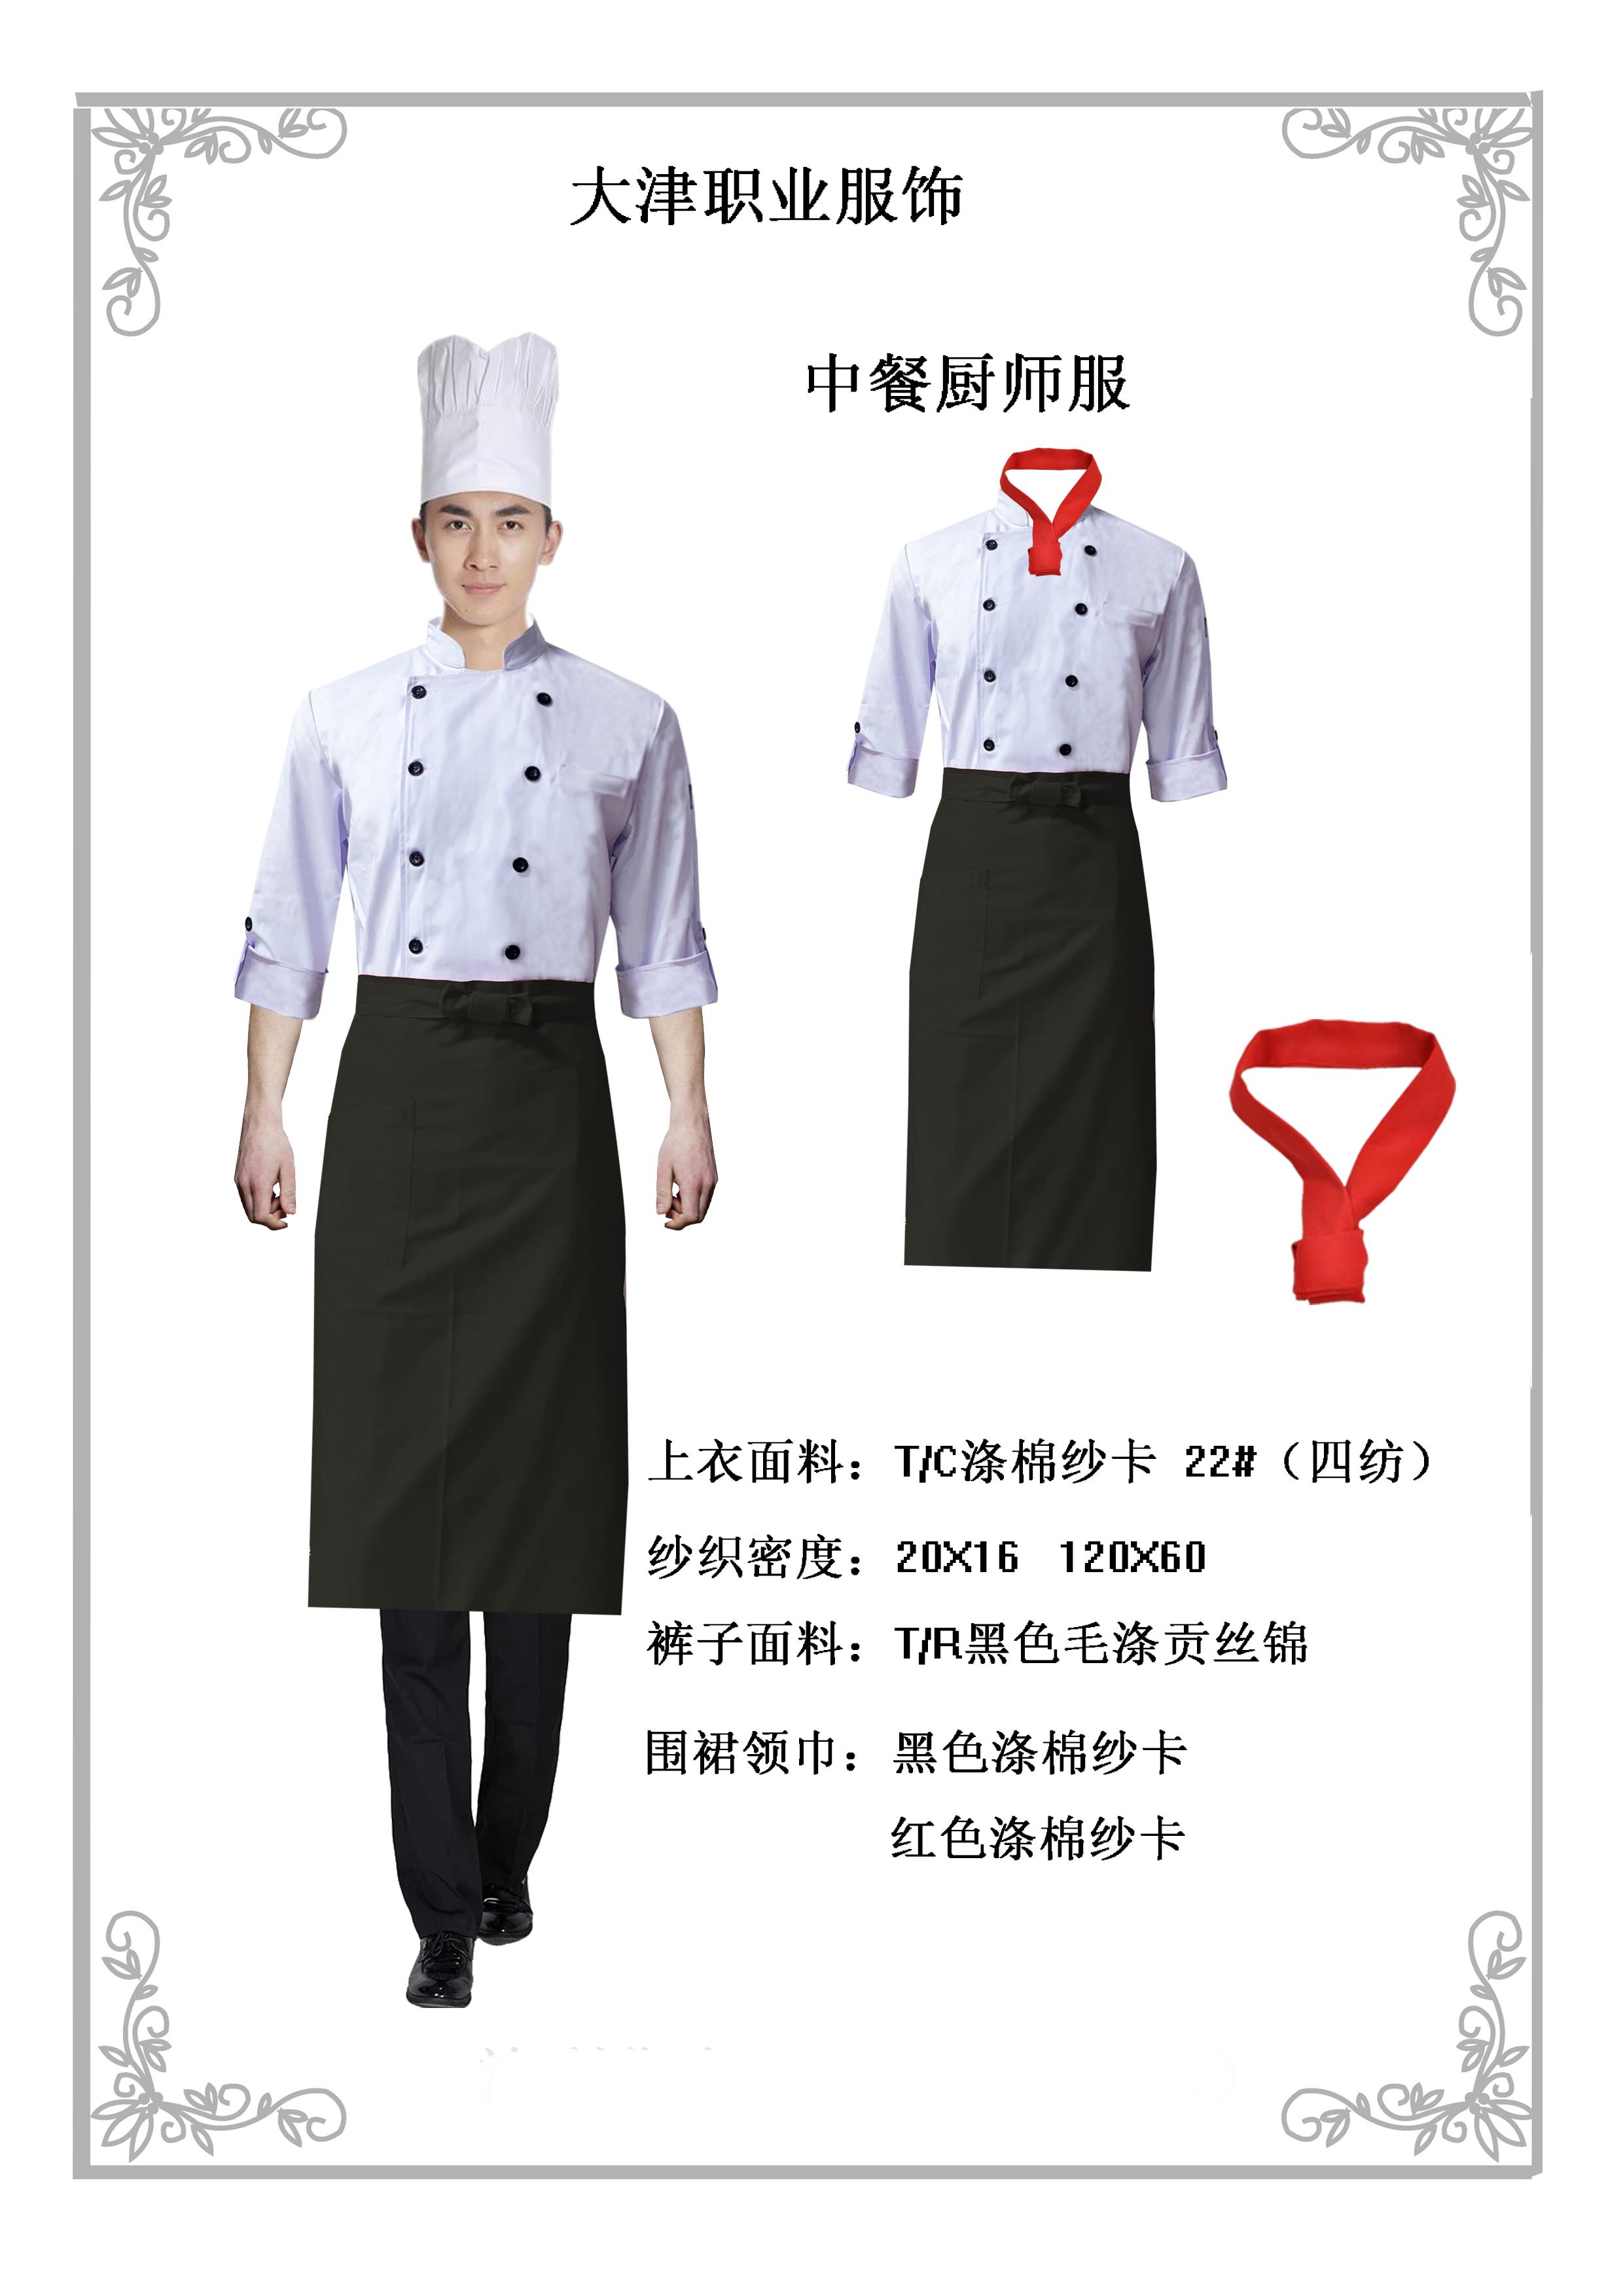 廚師服設計定制款003